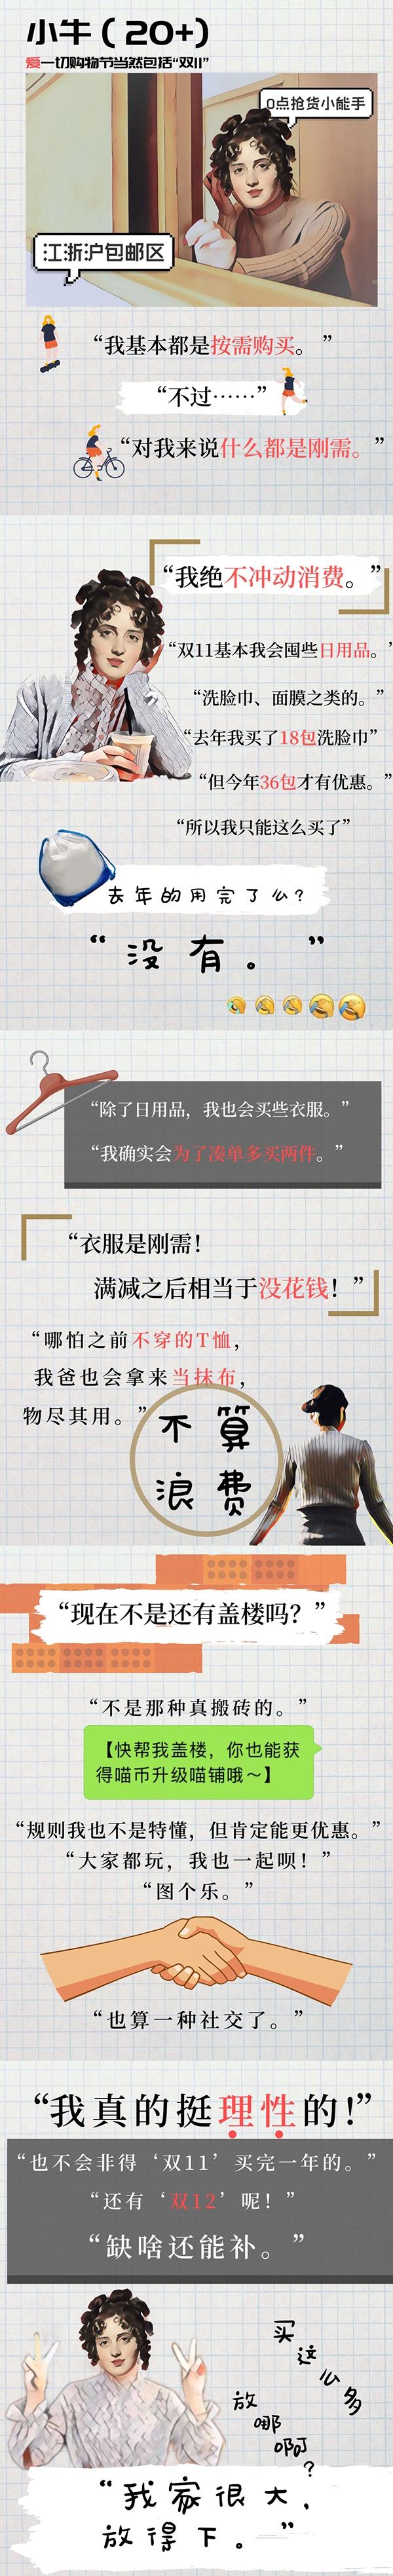 「月博会员中心登录」评论:中国蓝田借壳回A破灭 让财务造假者